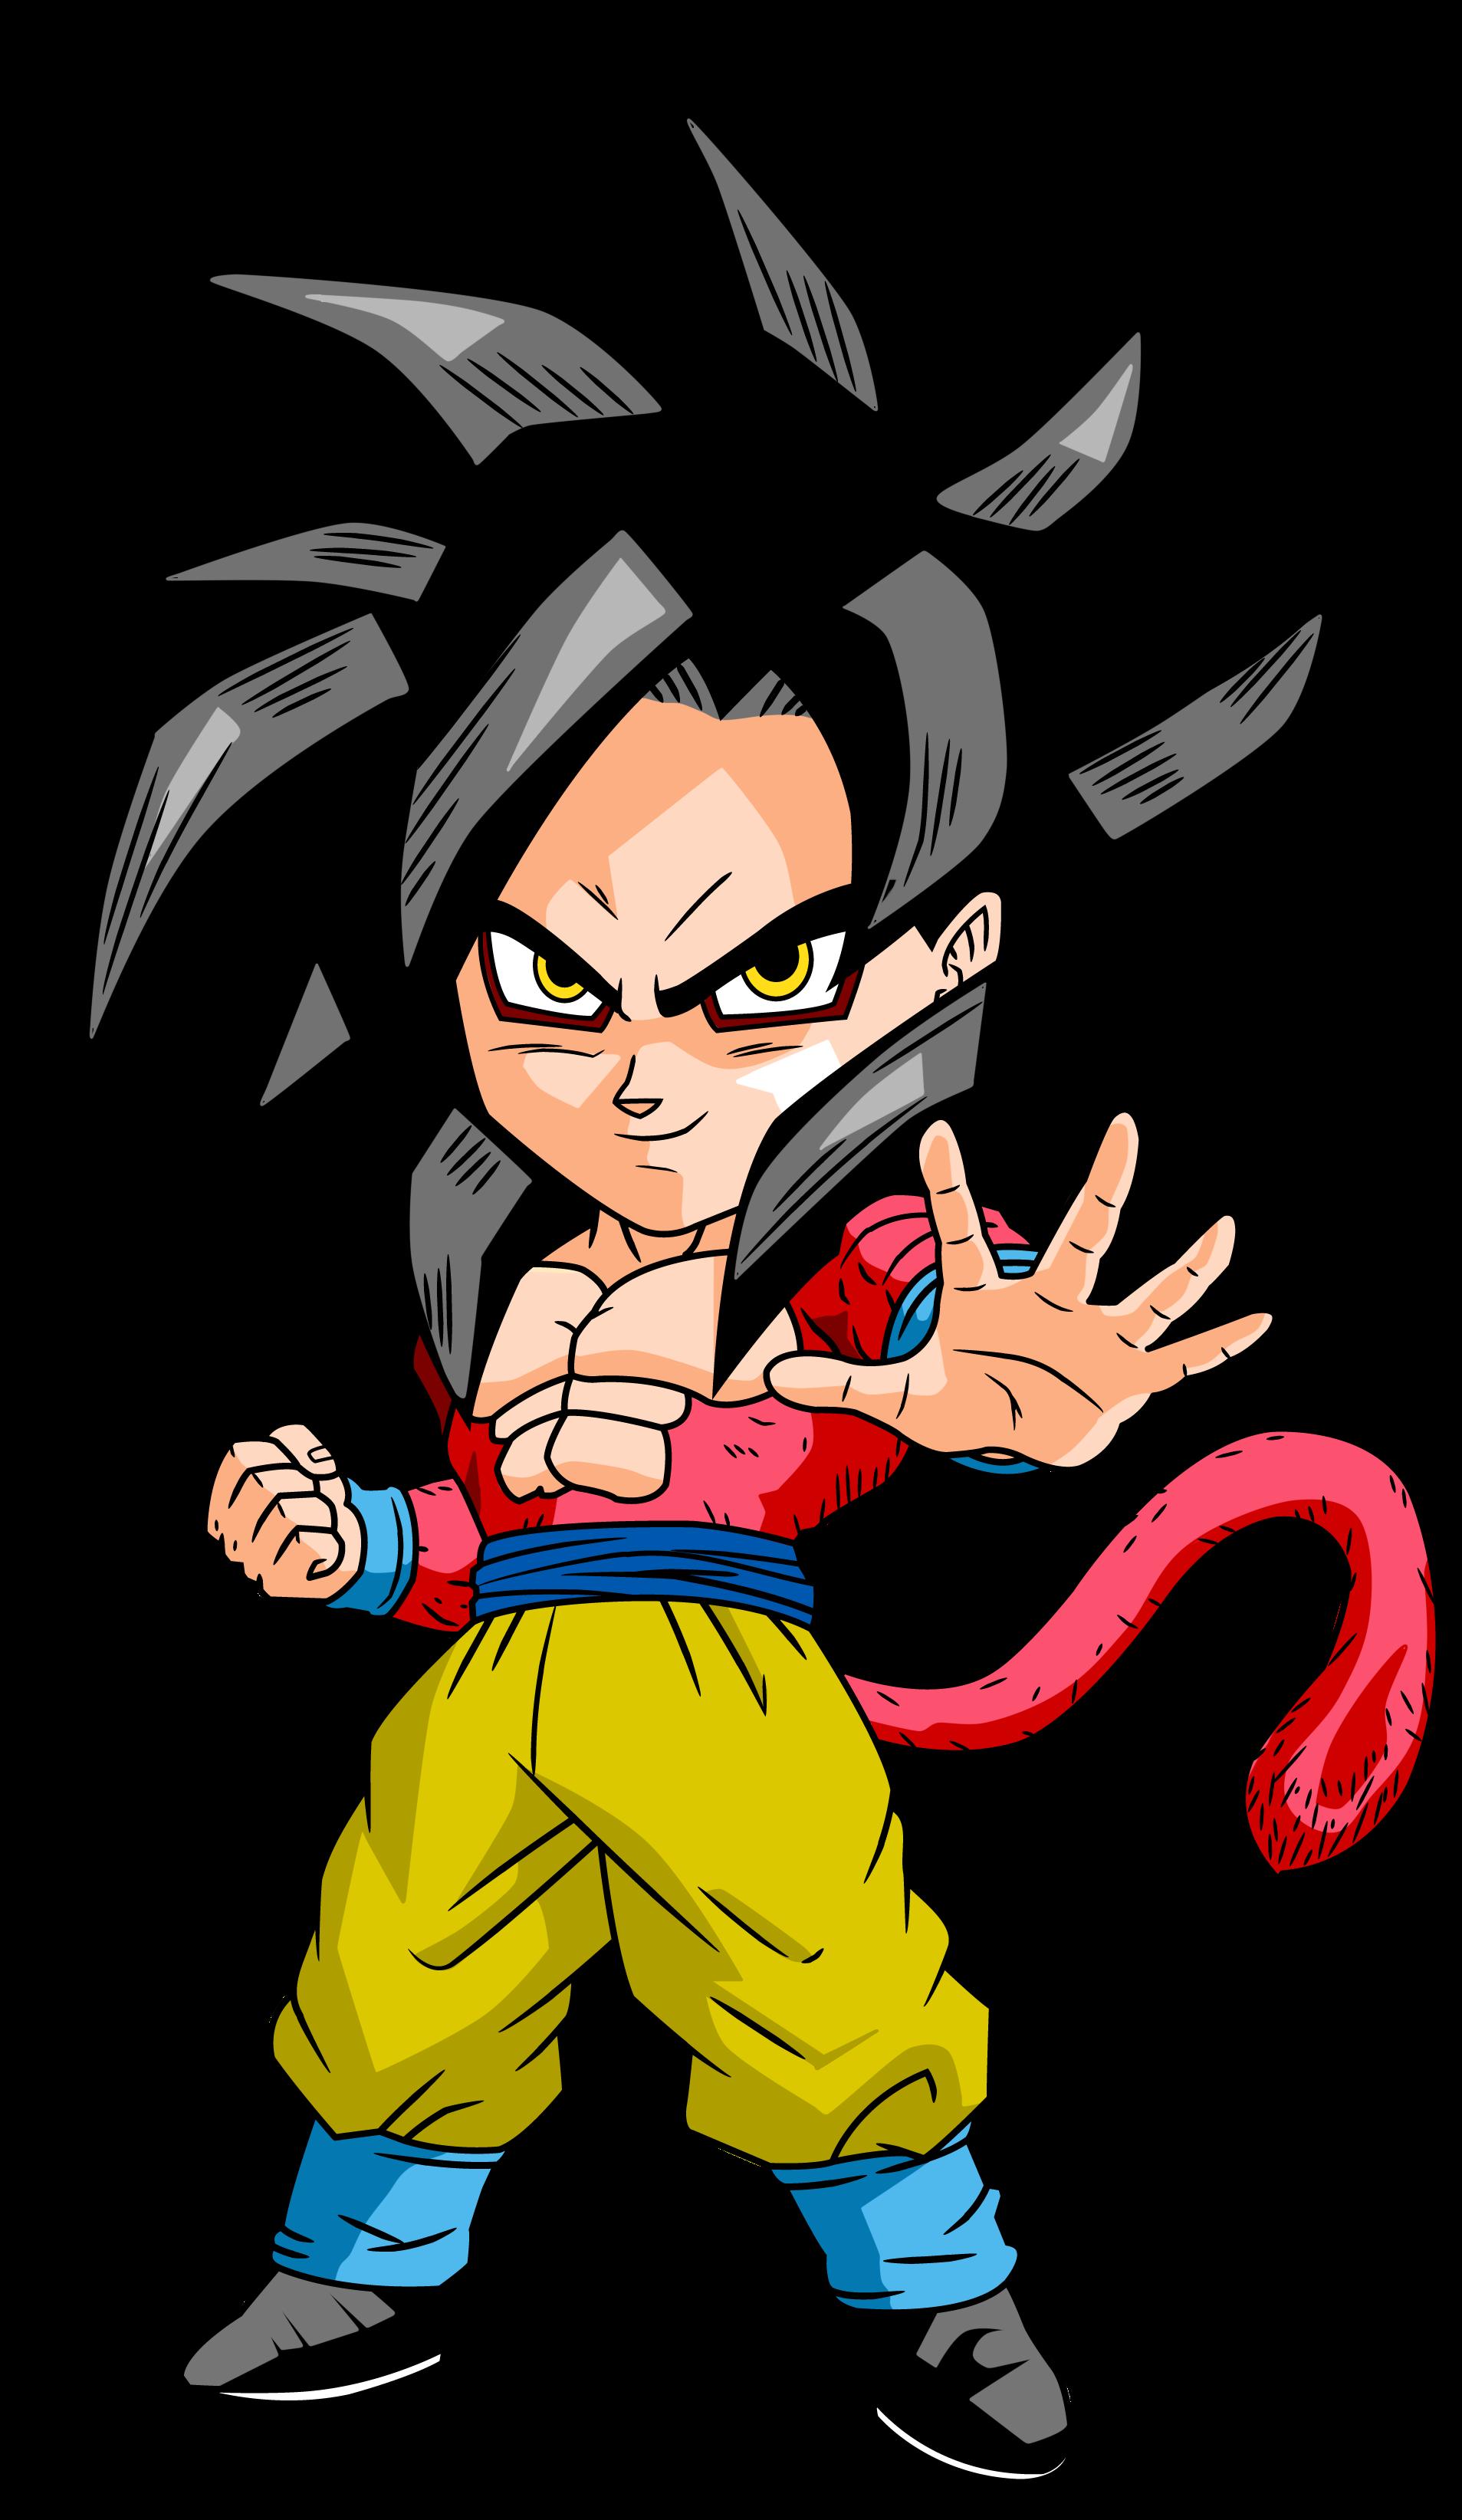 Goku Ssj4 Chibi By Dbzartist94 D4mexg3 Png Imagen Png 1907 3287 Pixeles Escalado 14 Chibi Dragon Anime Dragon Ball Super Dragon Ball Gt